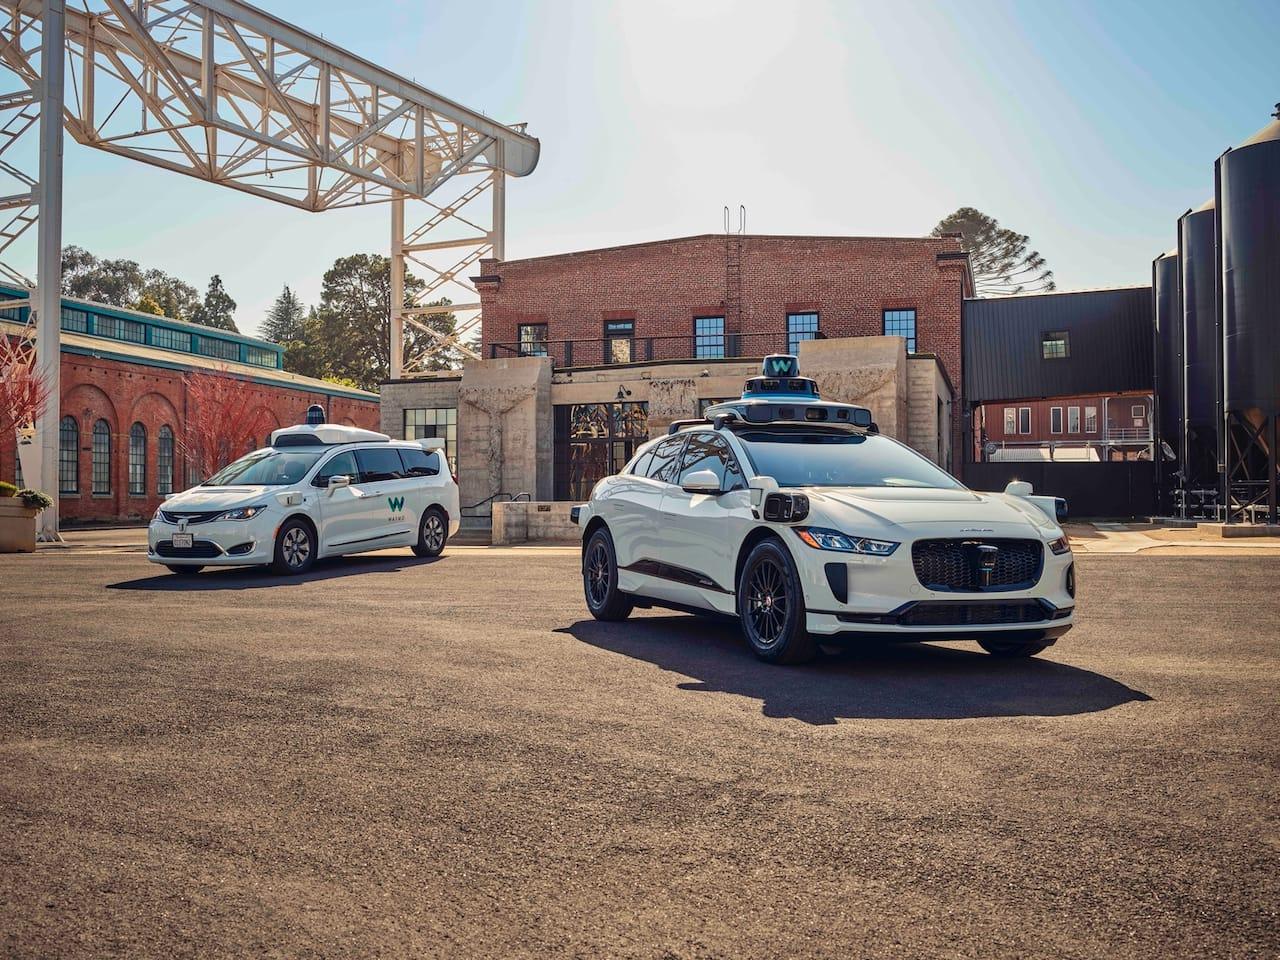 Waymo's autonomously driven Jaguar I-PACE electric SUV